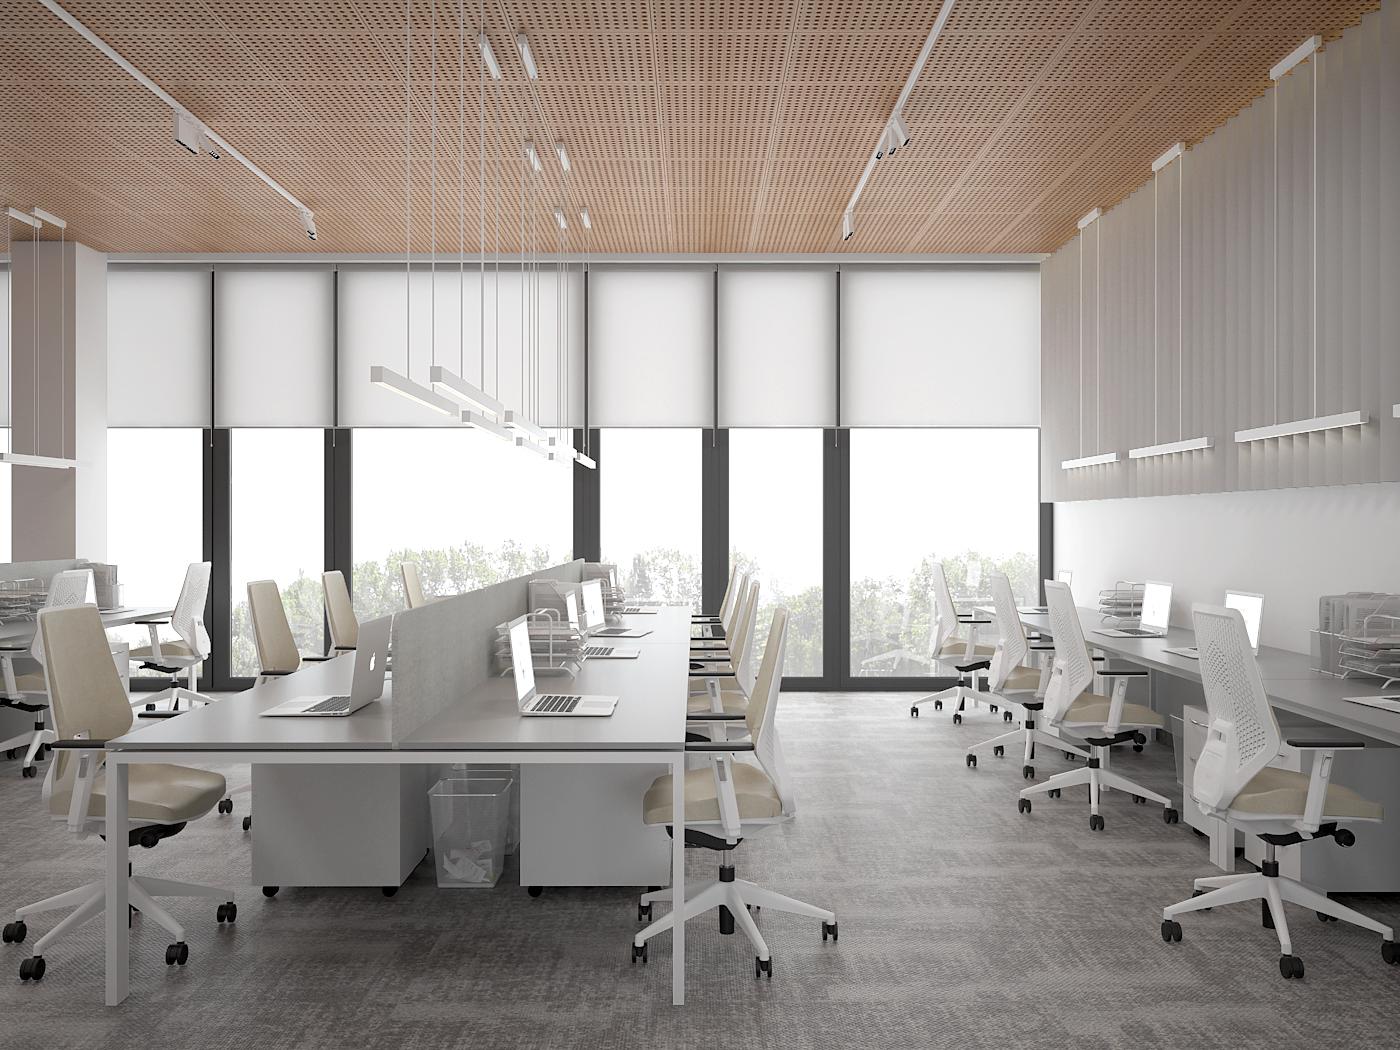 4 aranzacja biura 485 biuro krakow open space stanowiska pracy krzesla biurowe v1 azurowy wygluszajacy sufit wiszace oswietlenie oswietlenie na szynach